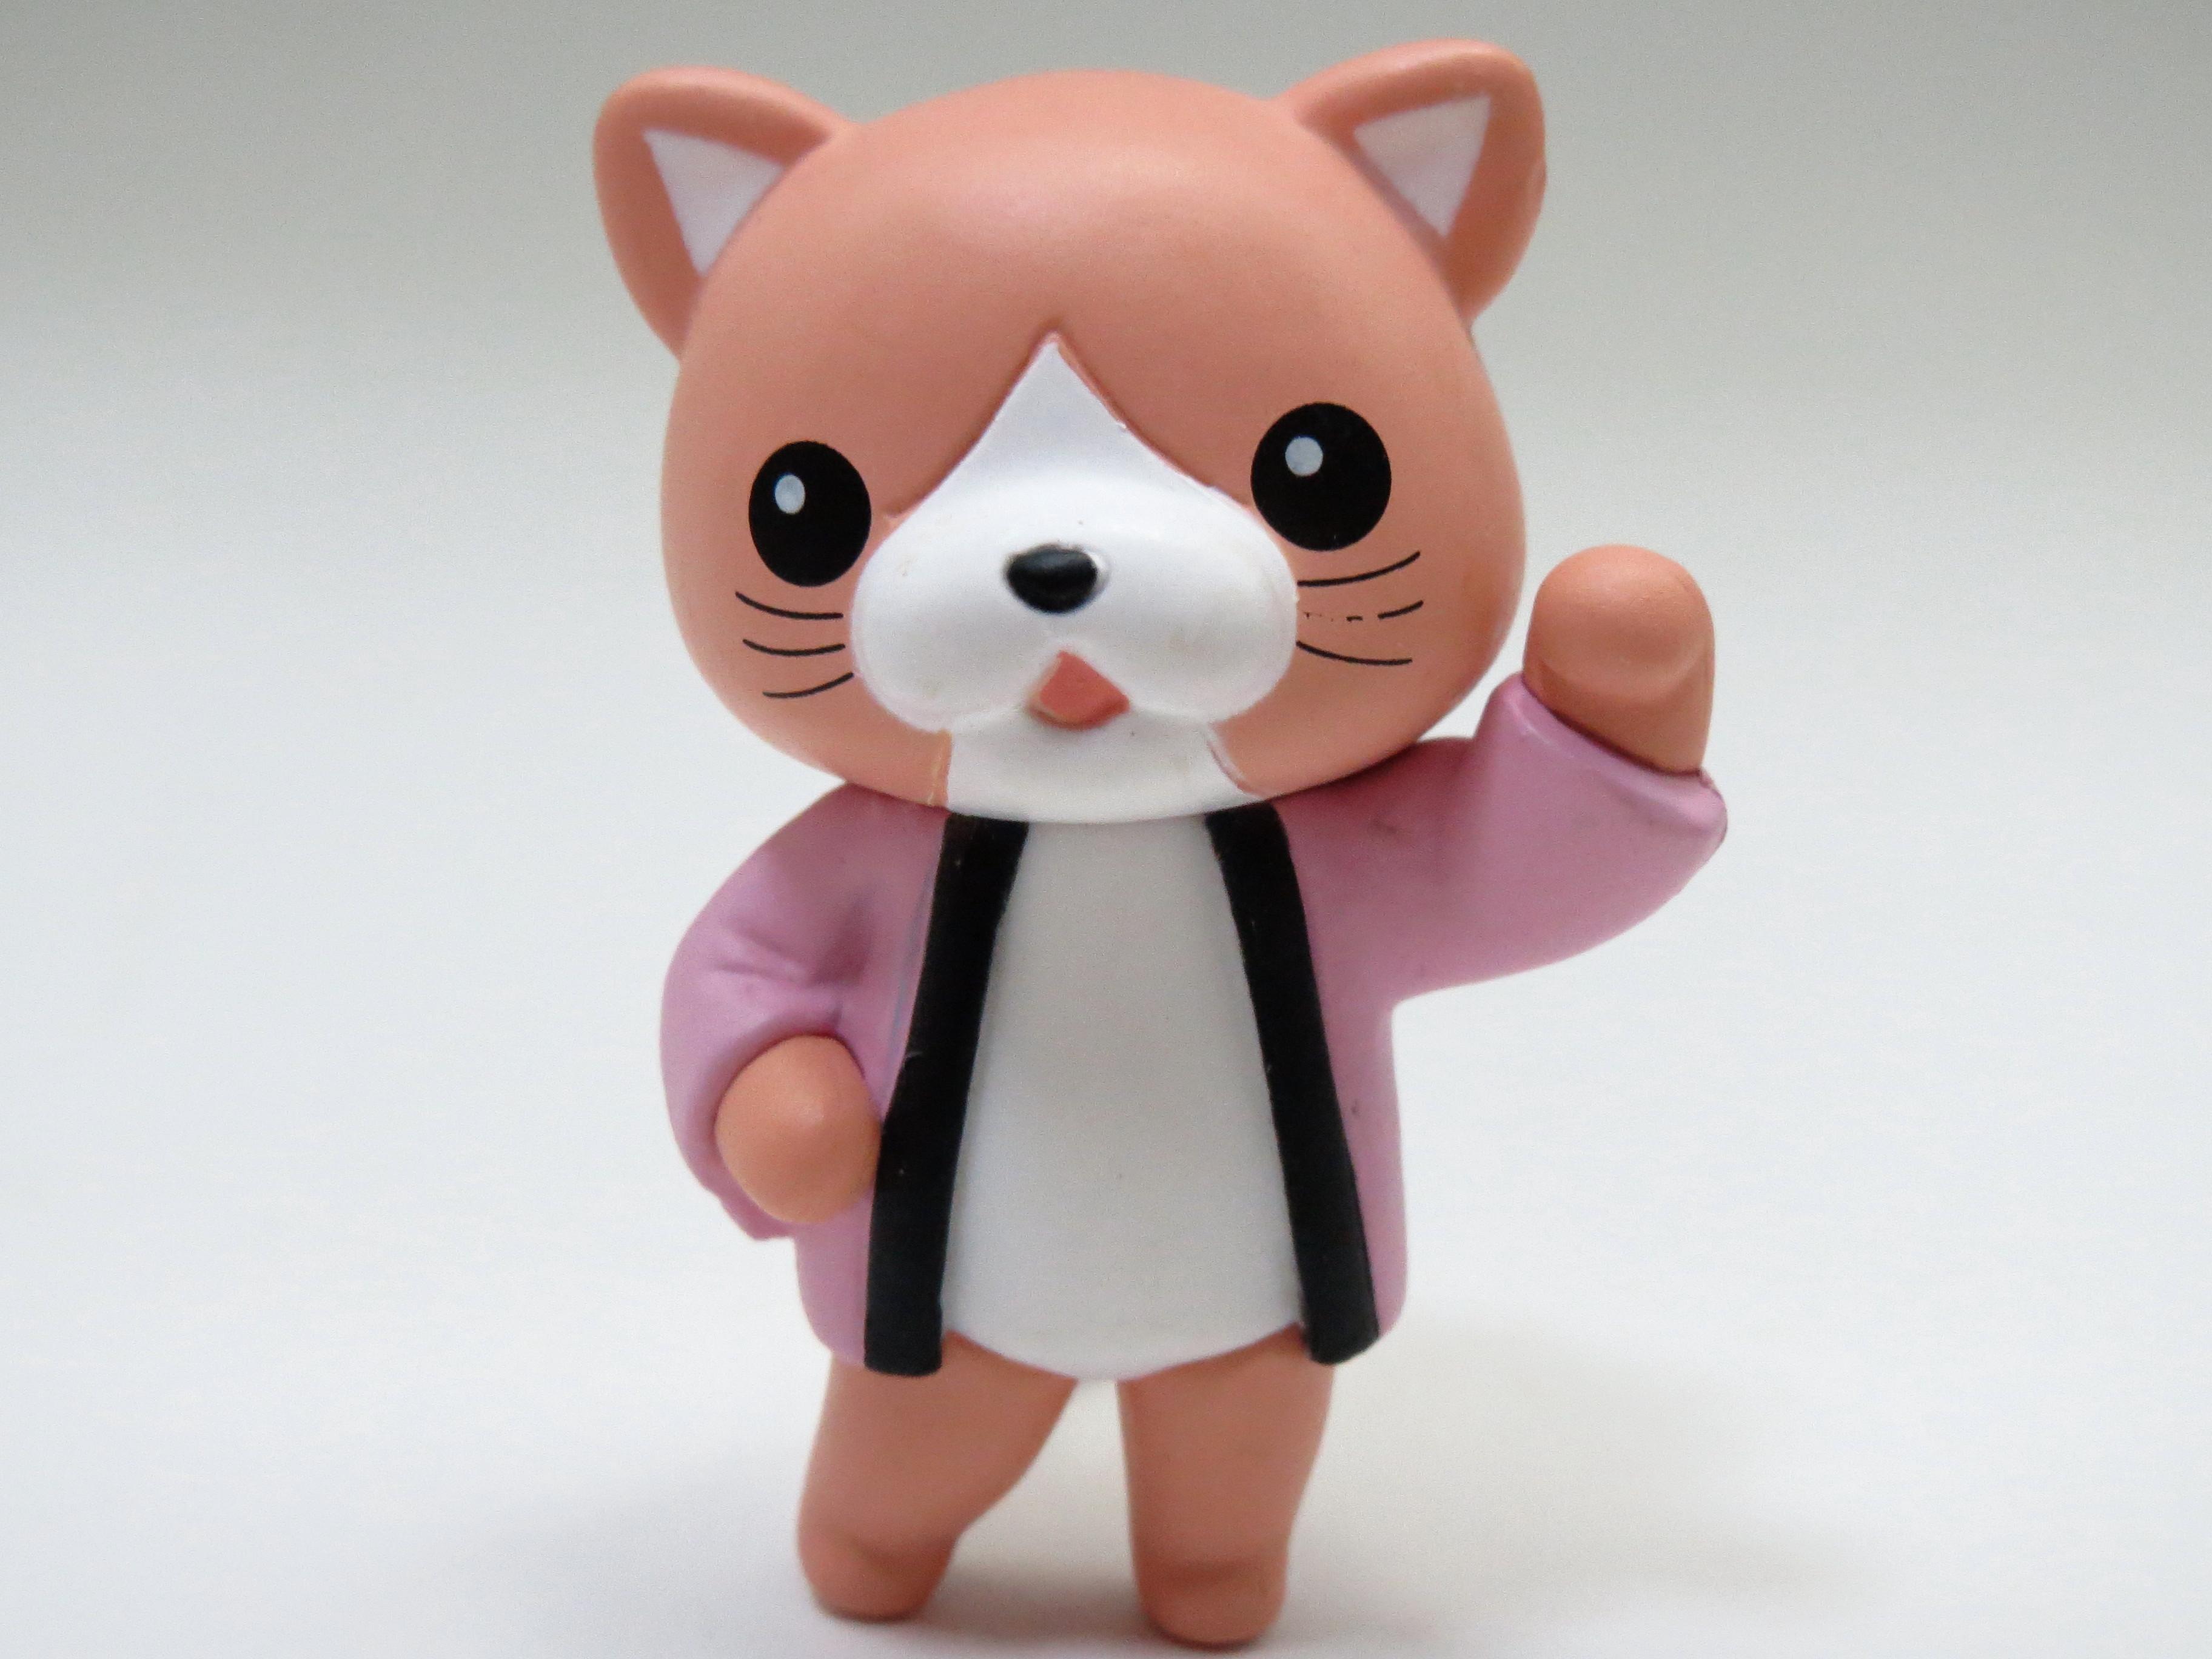 【SALE】【321】 田村ゆかり 小物パーツ くすんでないネコ ねんどろいど